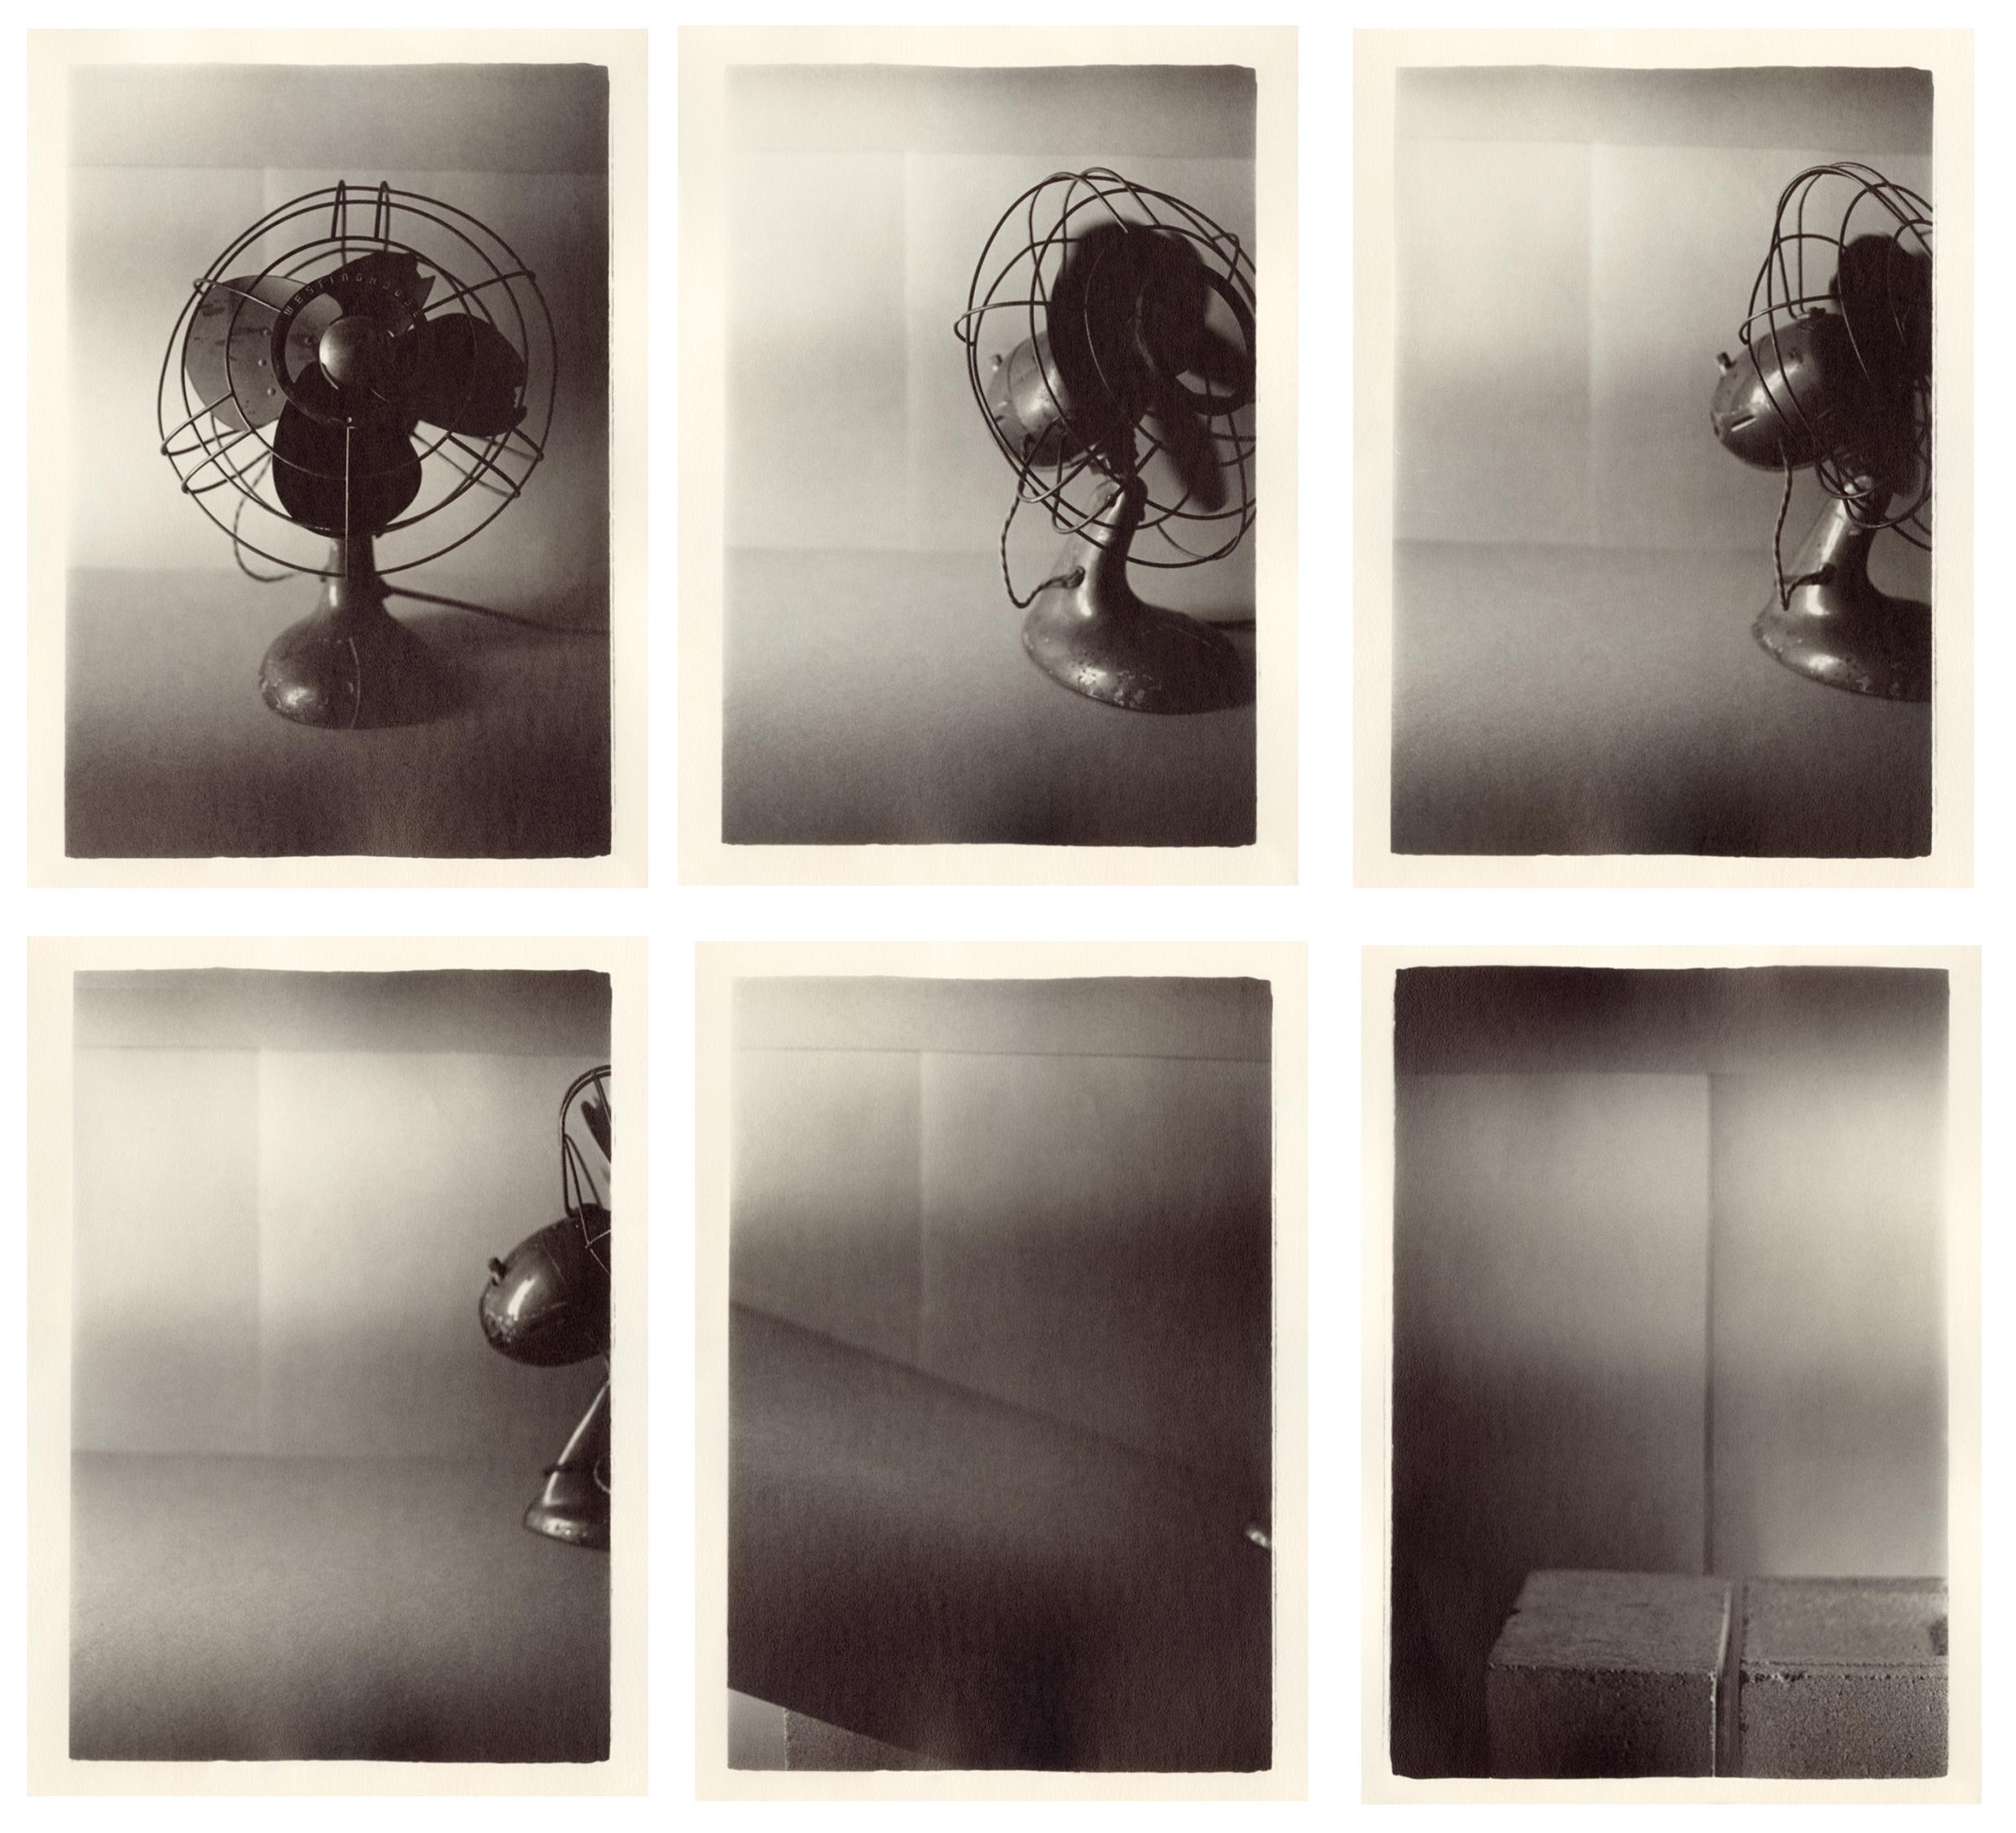 Fan_1975-series.jpg